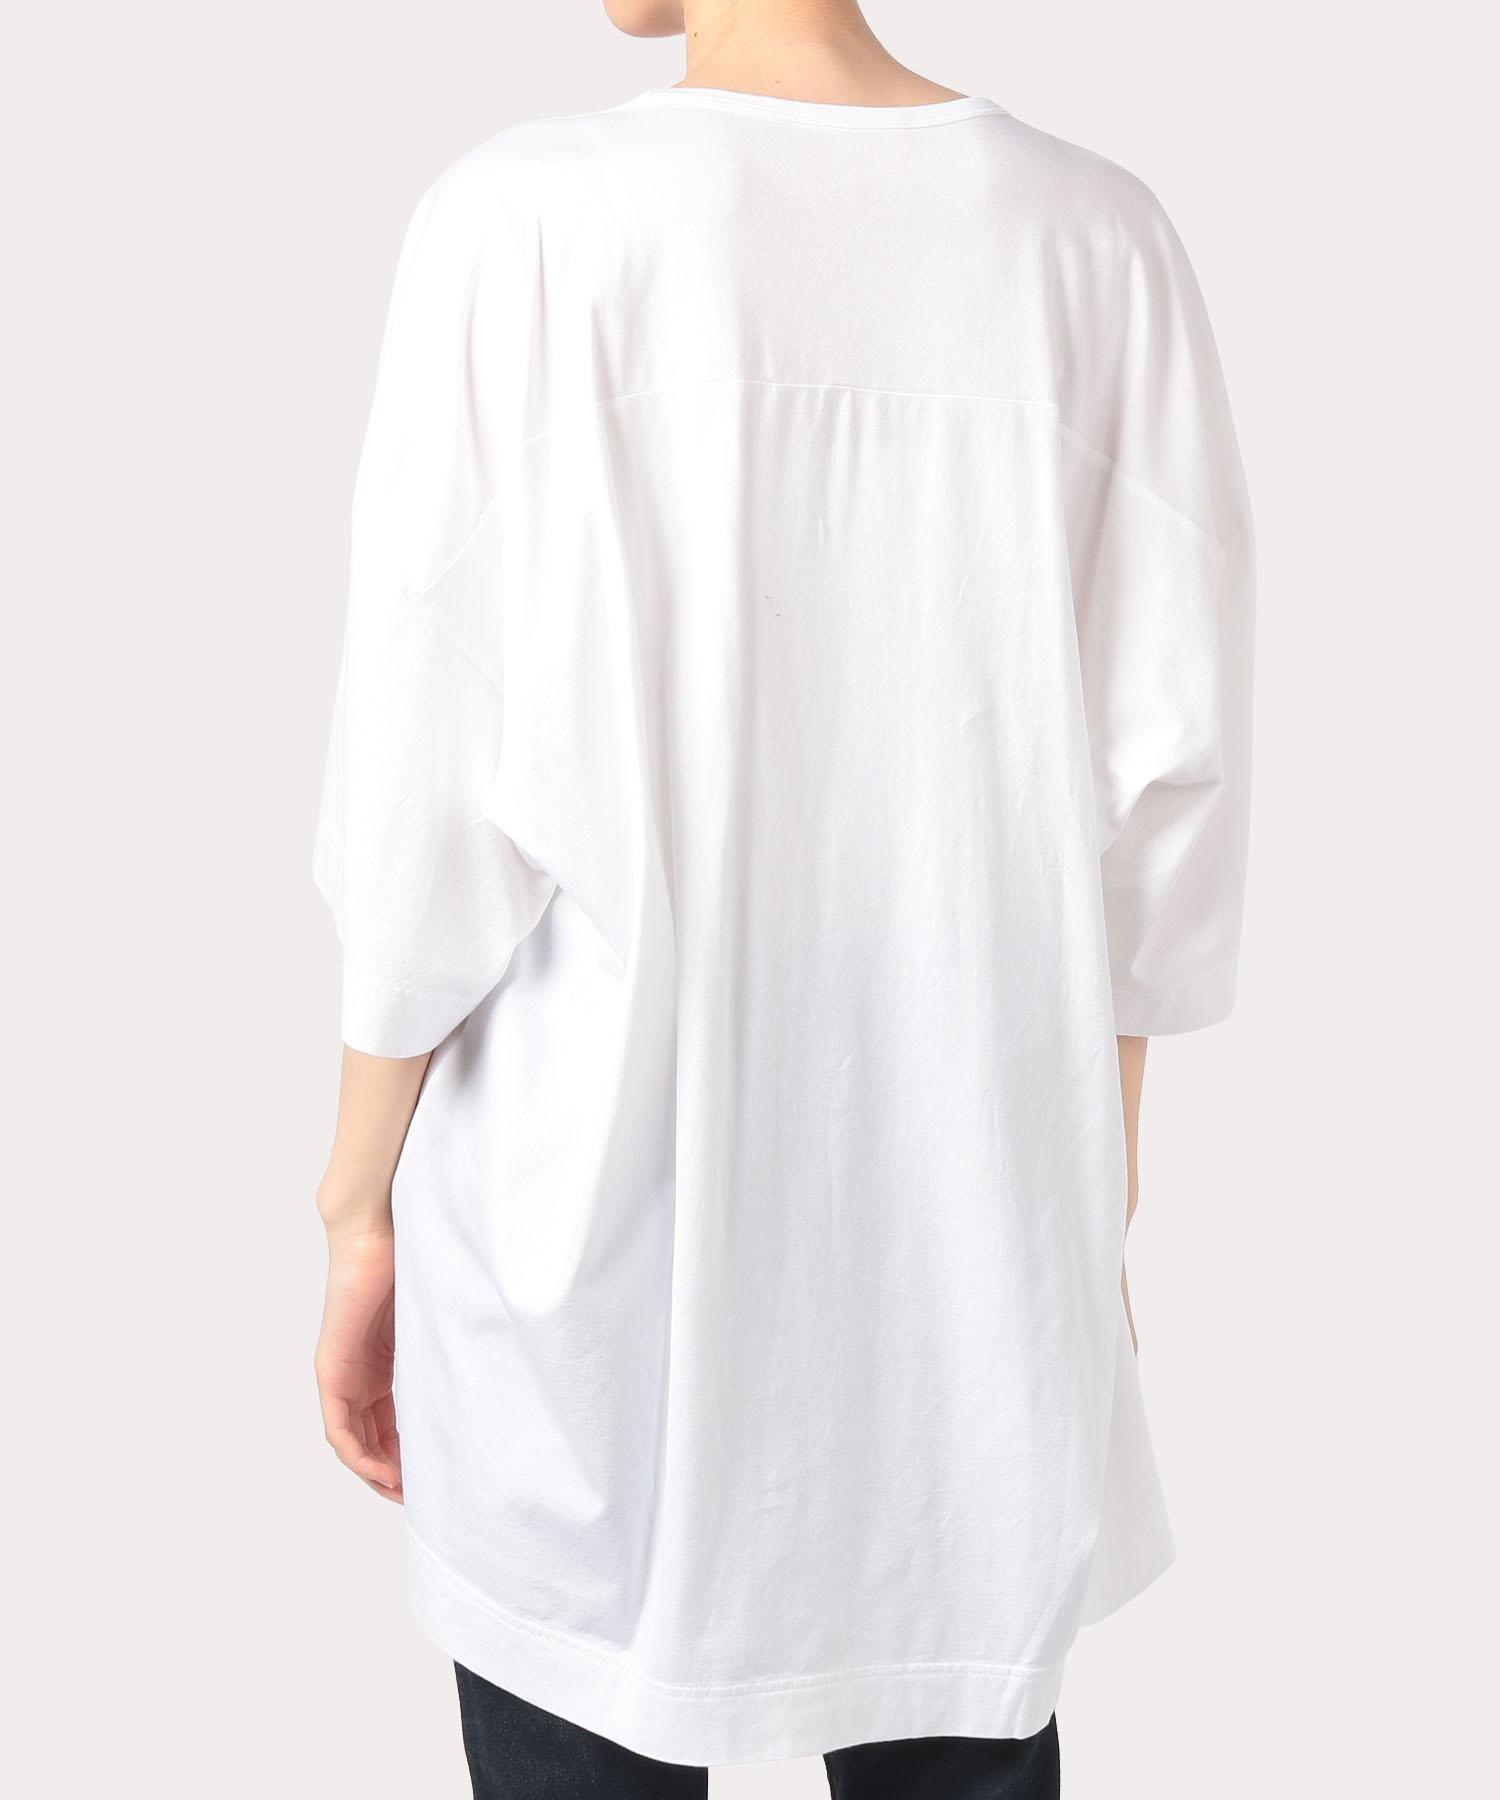 オンラインショップ限定 ダンシングORB ビッグTシャツ